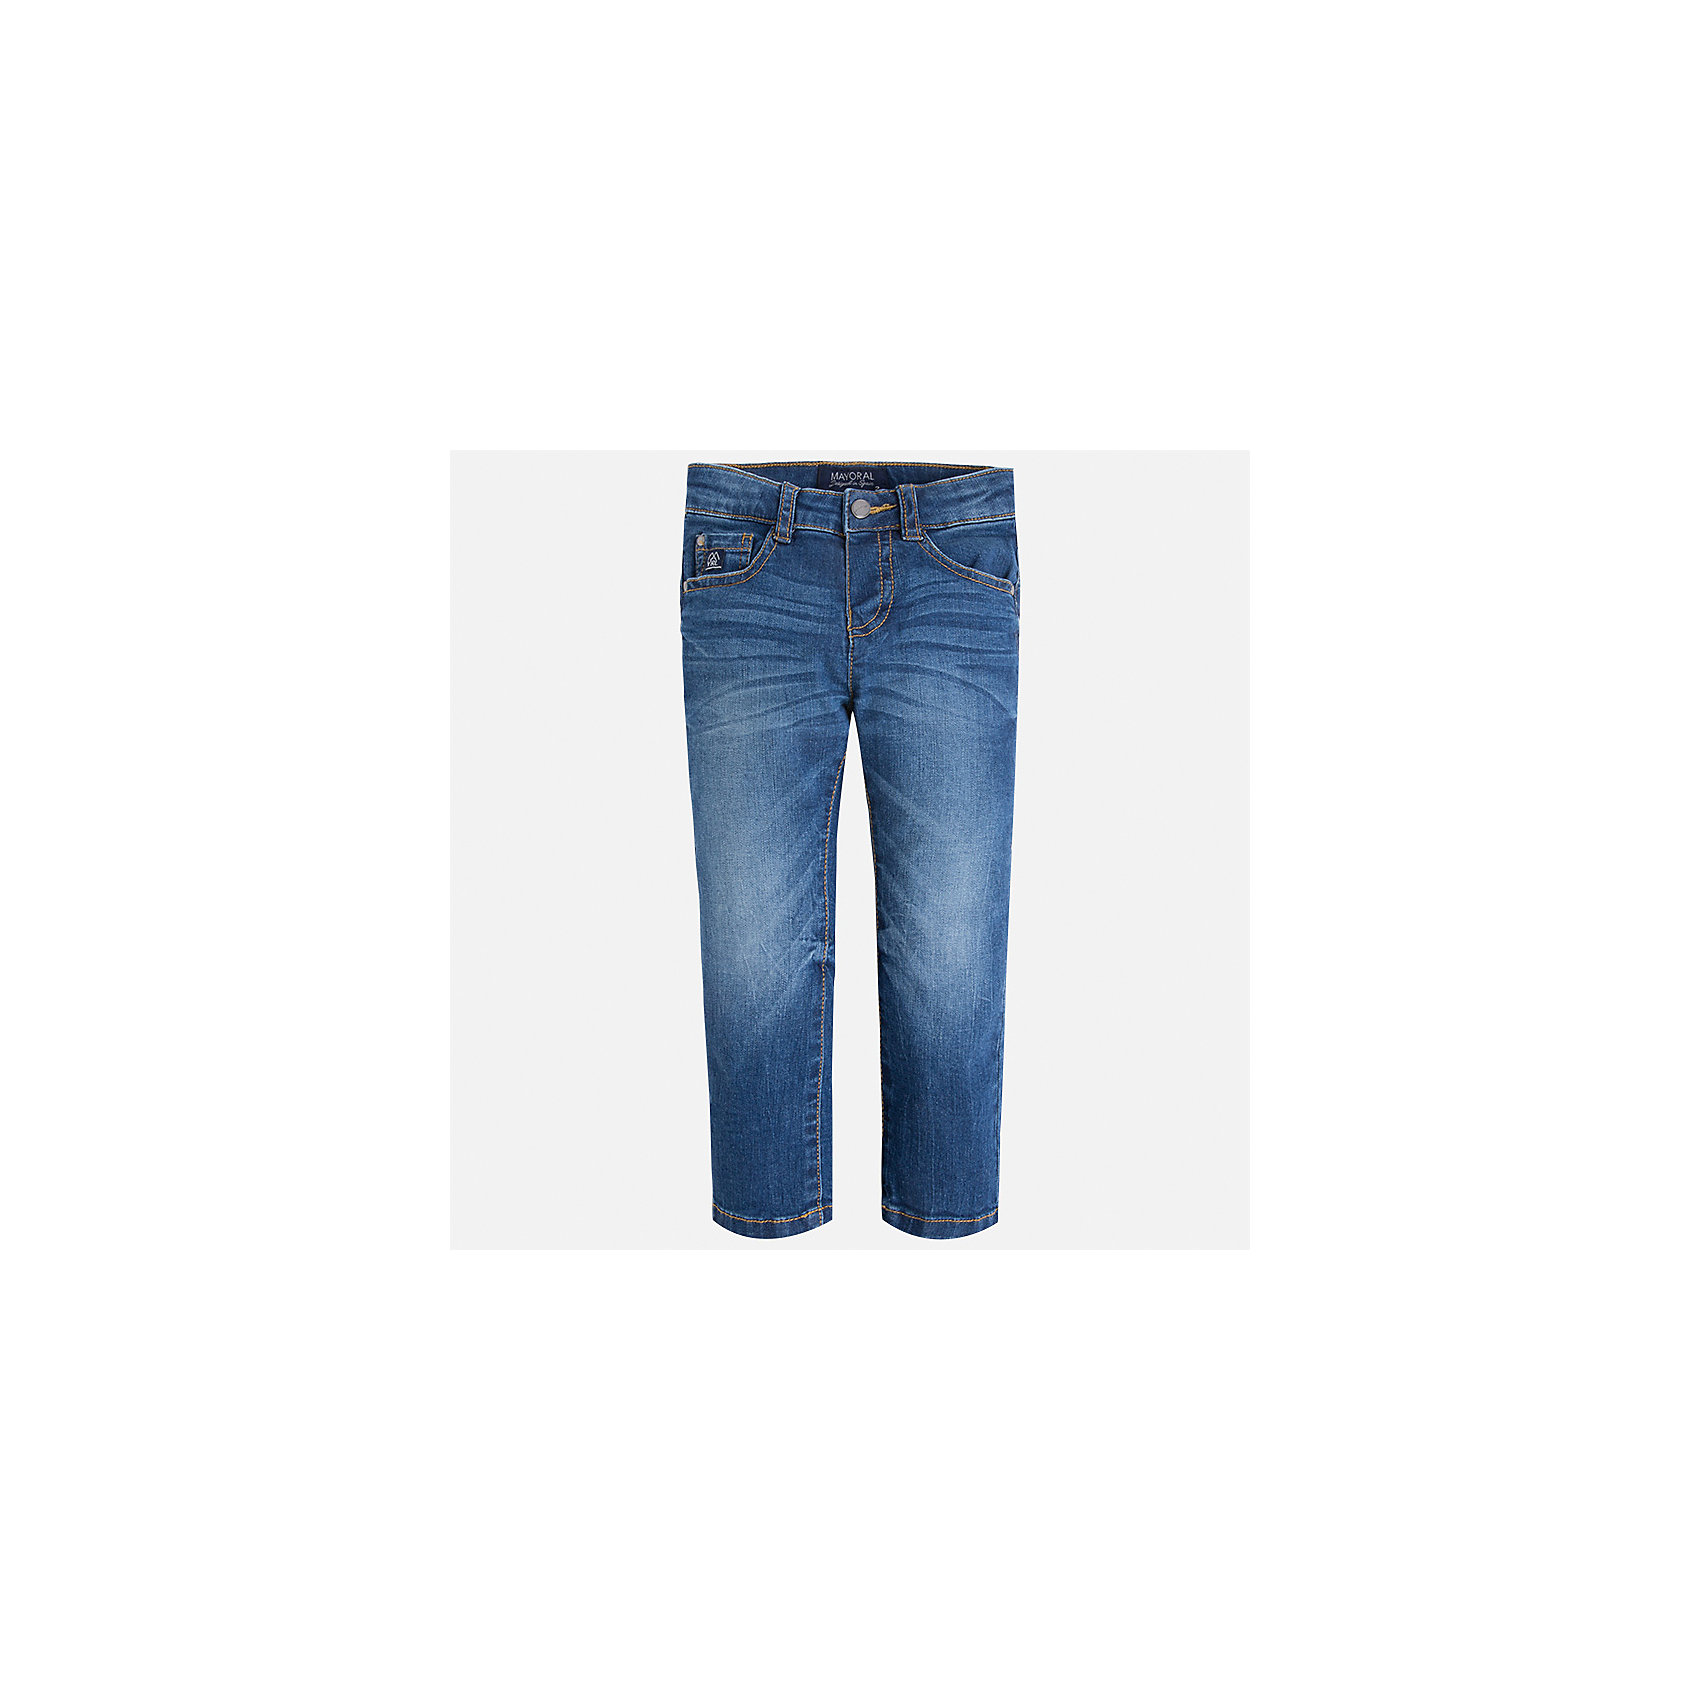 Джинсы для мальчика MayoralДжинсовая одежда<br>Характеристики товара:<br><br>• цвет: синий<br>• состав: 99% хлопок, 1% эластан<br>• имитация потертостей<br>• шлевки<br>• карманы<br>• классический силуэт<br>• страна бренда: Испания<br><br>Модные джинсы для мальчика смогут стать базовой вещью в гардеробе ребенка. Они отлично сочетаются с майками, футболками, рубашками и т.д. Универсальный крой и цвет позволяет подобрать к вещи верх разных расцветок. Практичное и стильное изделие! В составе материала - натуральный хлопок, гипоаллергенный, приятный на ощупь, дышащий.<br><br>Одежда, обувь и аксессуары от испанского бренда Mayoral полюбились детям и взрослым по всему миру. Модели этой марки - стильные и удобные. Для их производства используются только безопасные, качественные материалы и фурнитура. Порадуйте ребенка модными и красивыми вещами от Mayoral! <br><br>Джинсы для мальчика от испанского бренда Mayoral (Майорал) можно купить в нашем интернет-магазине.<br><br>Ширина мм: 215<br>Глубина мм: 88<br>Высота мм: 191<br>Вес г: 336<br>Цвет: синий<br>Возраст от месяцев: 24<br>Возраст до месяцев: 36<br>Пол: Мужской<br>Возраст: Детский<br>Размер: 98,92,134,128,122,116,110,104<br>SKU: 5277624